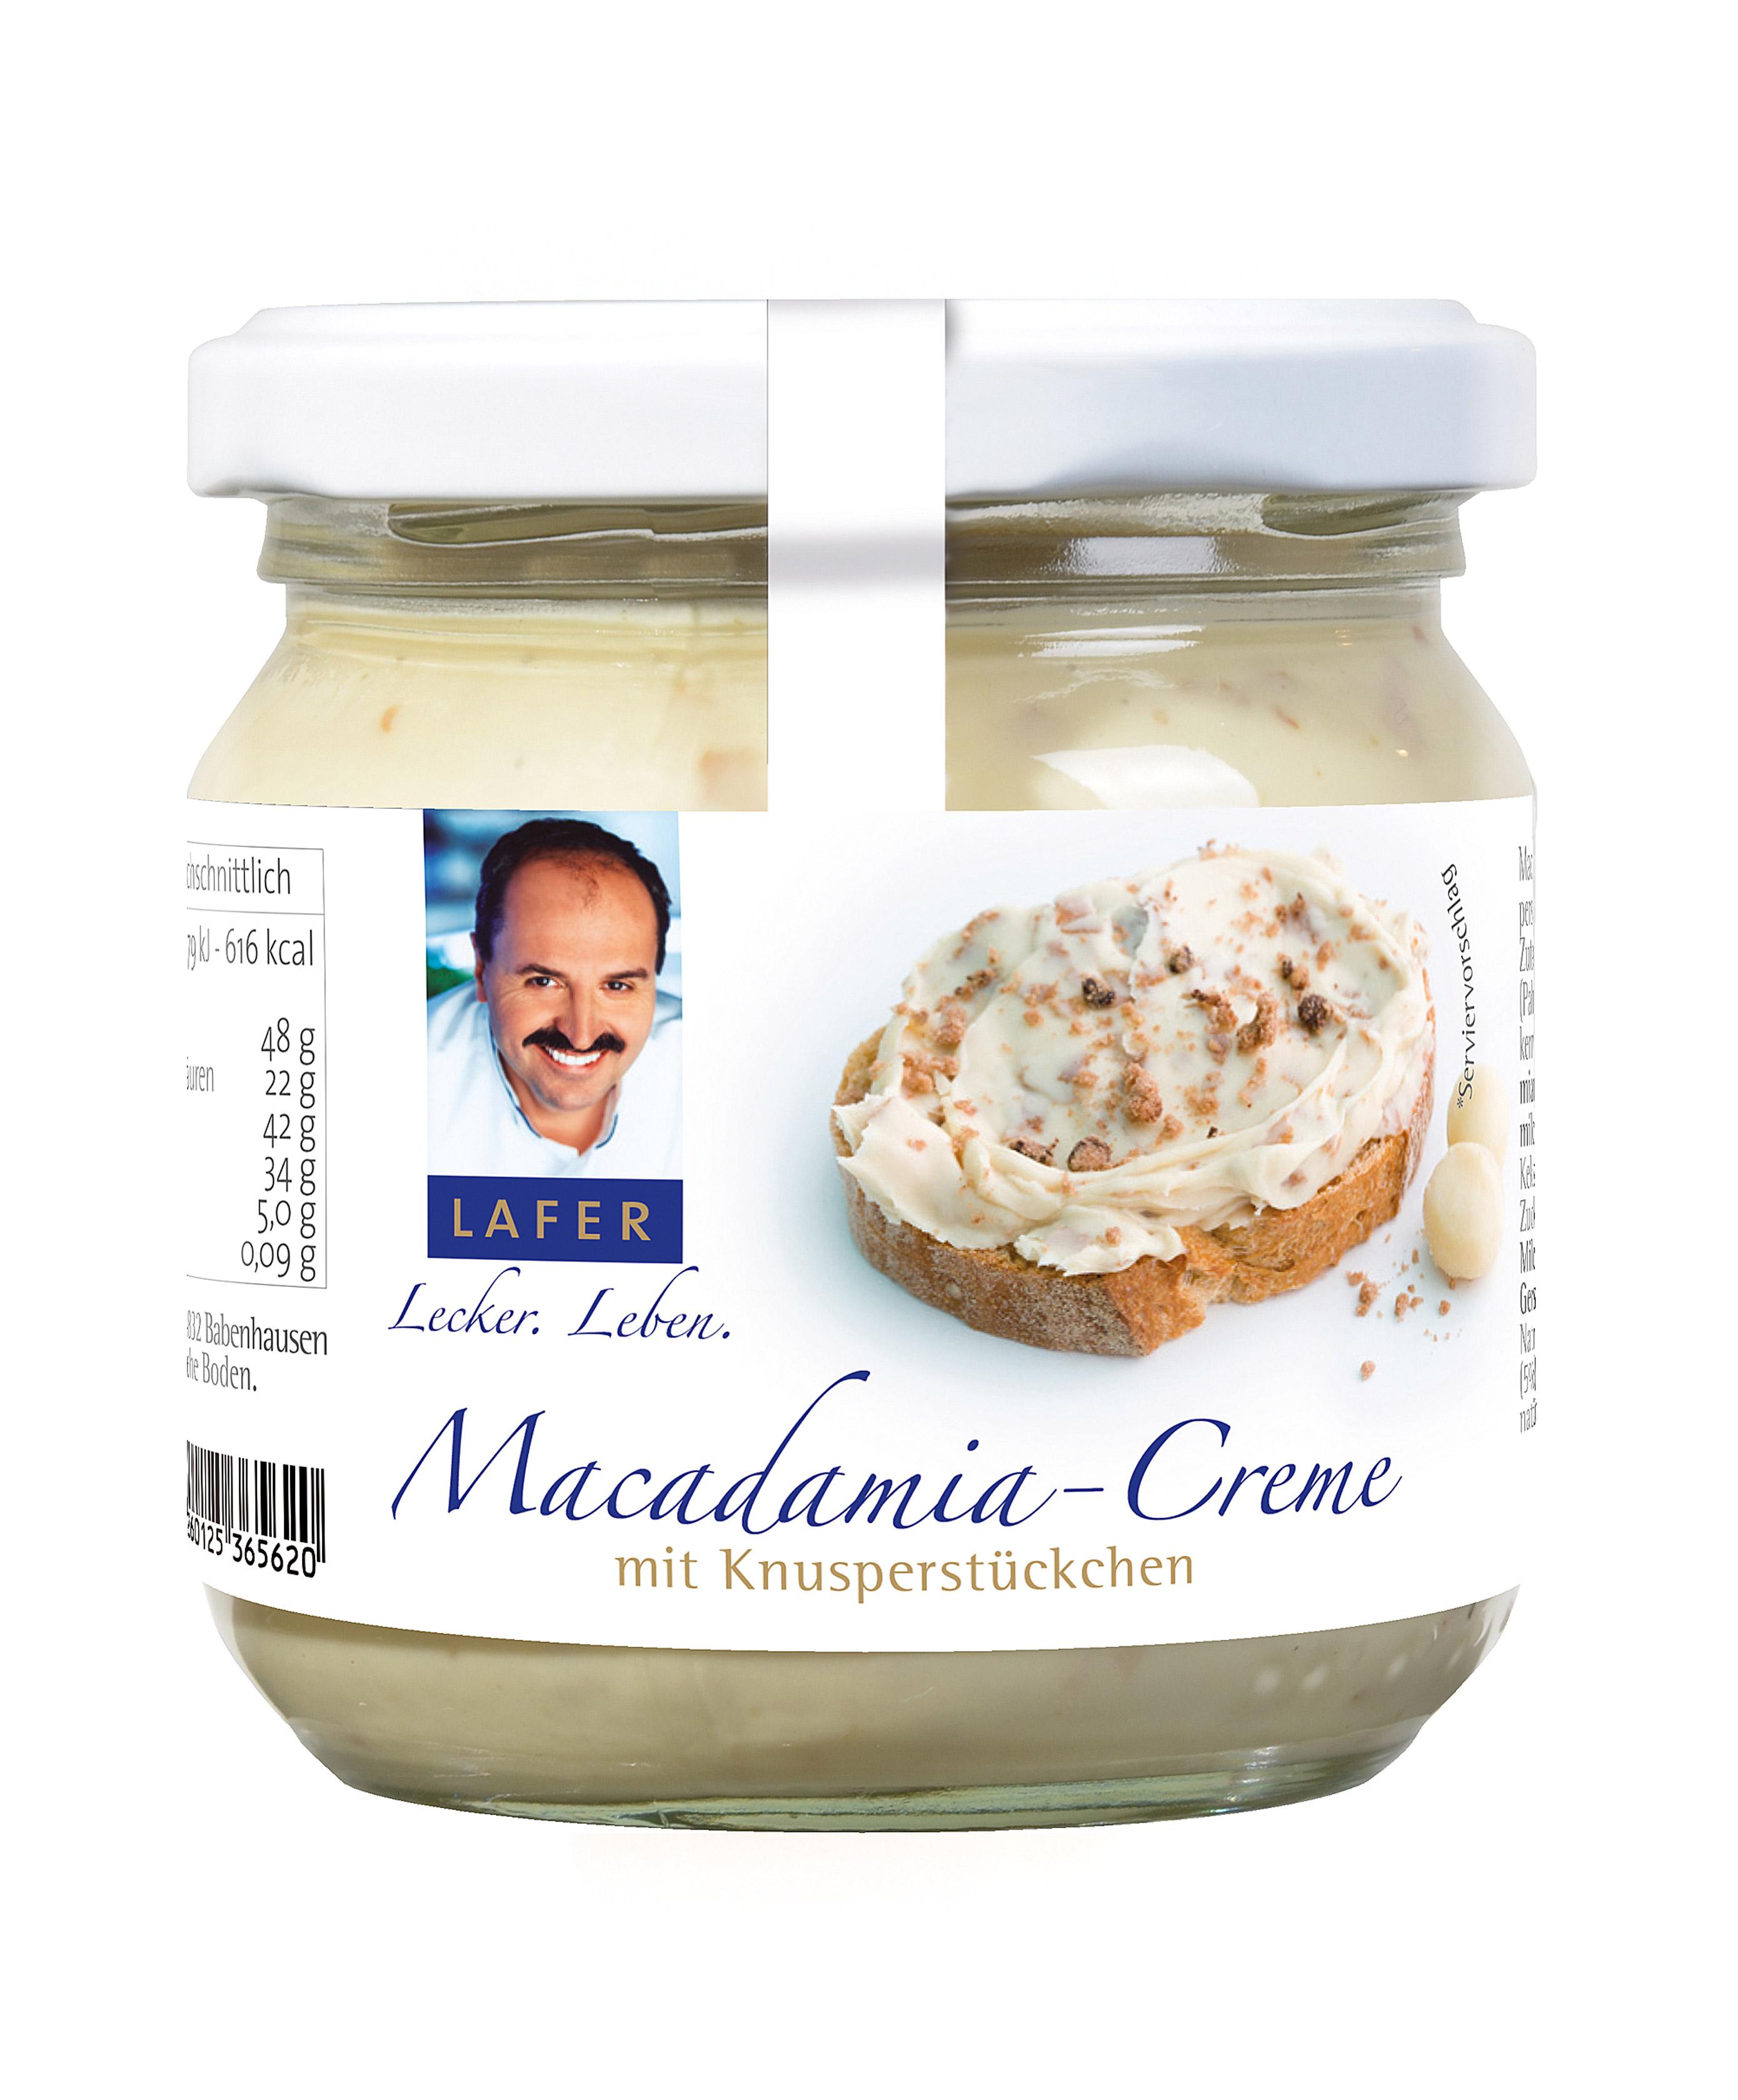 johann-lafer-macadamia-creme-mit-knusperstuckchen-190-g